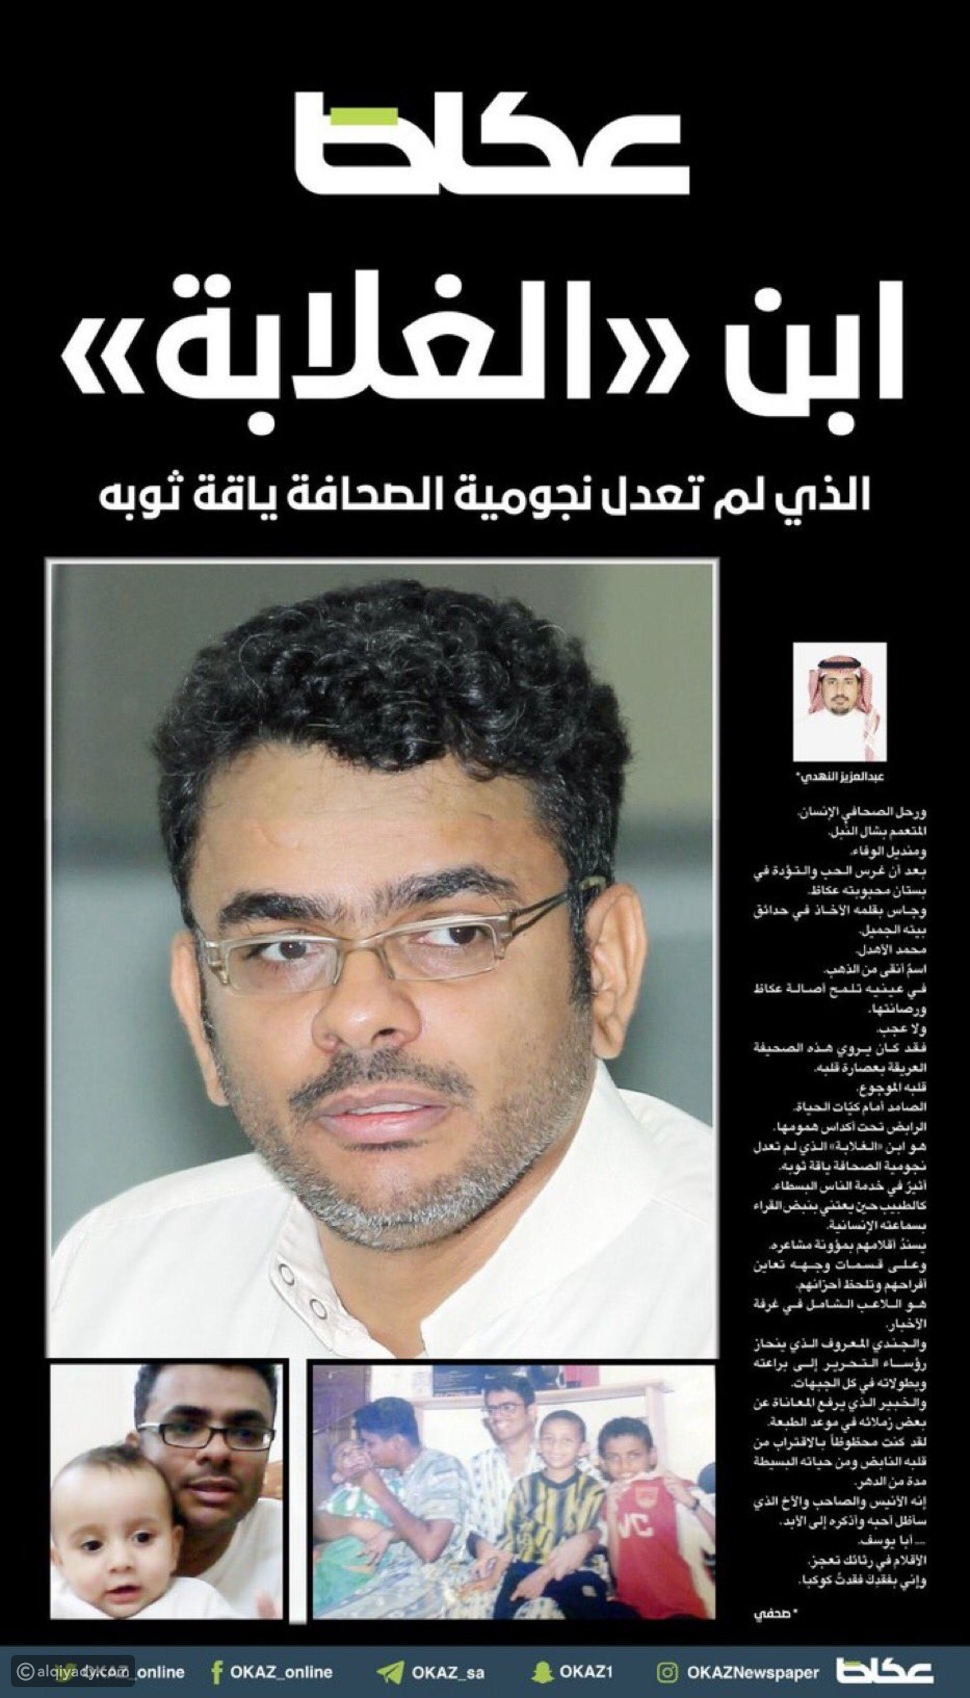 وفاة صحفي سعودي متأثراً بإصابته بكورونا